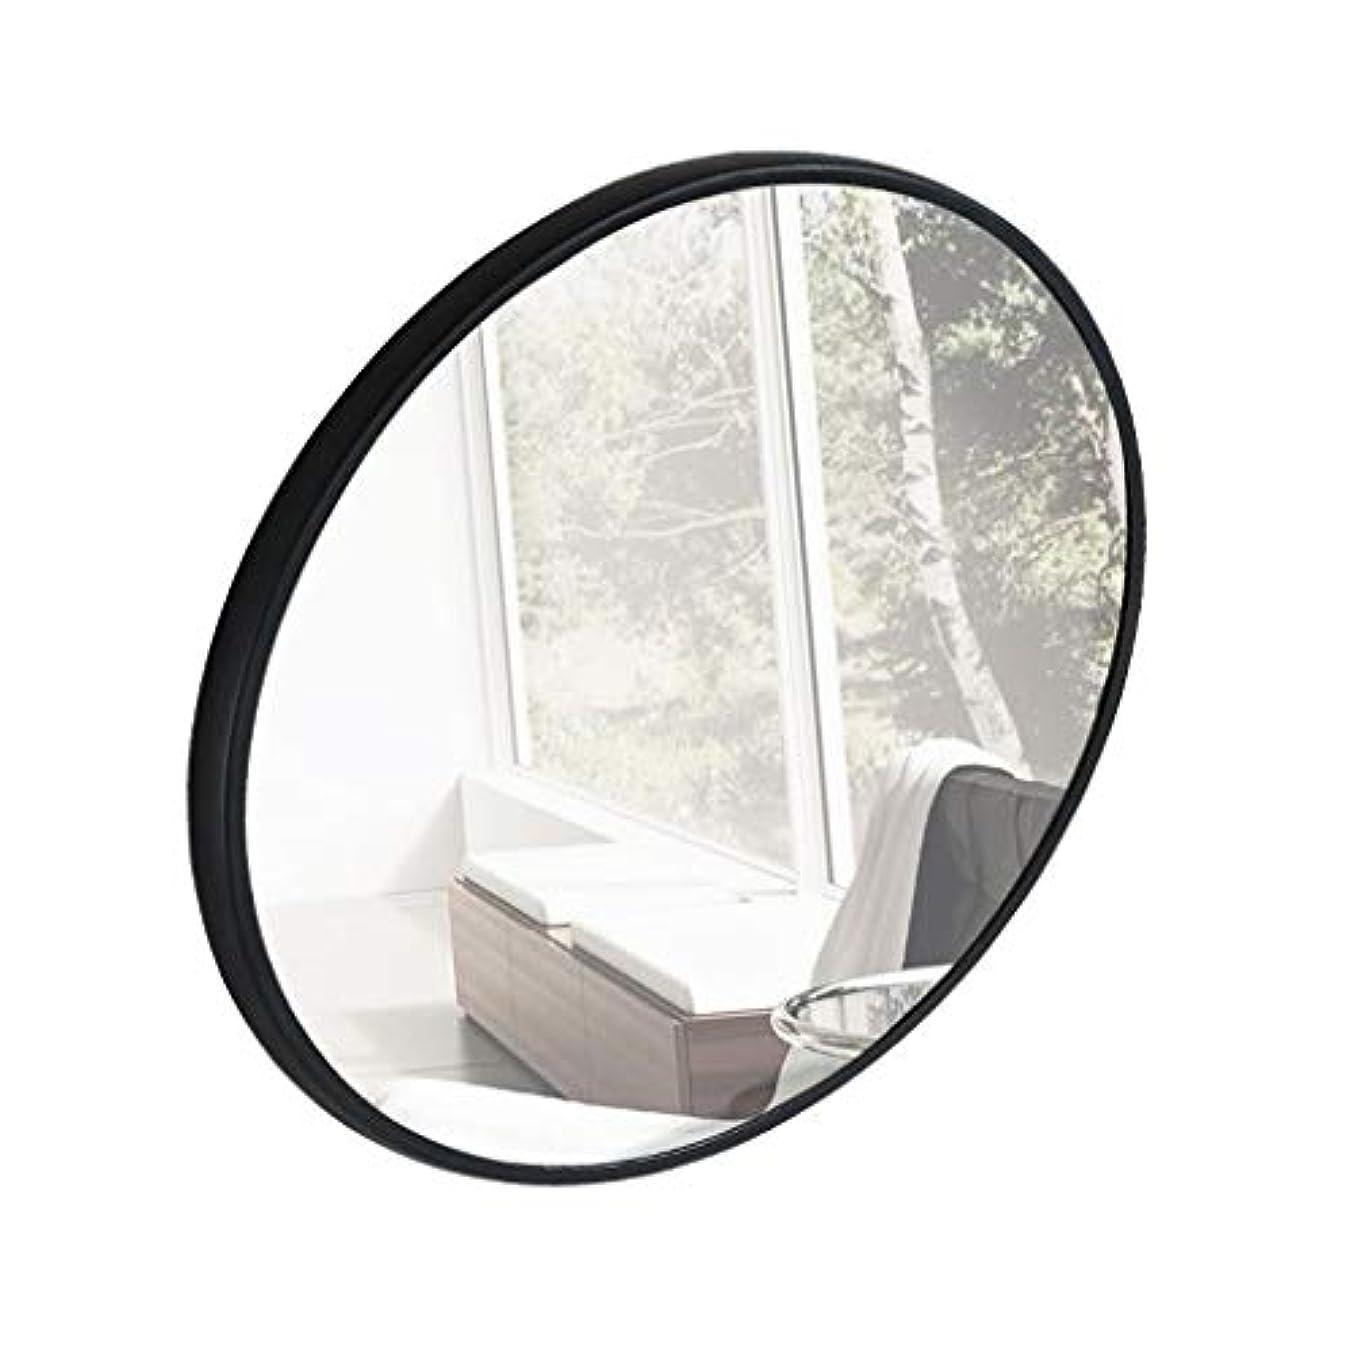 コマース熱帯のルーフTYJ-JP 鏡化粧鏡 HD化粧台壁掛け装飾丸型鏡シンプル壁掛け鏡北欧風パンチフリーガラス鏡 (Color : 白, Size : 60*60cm)